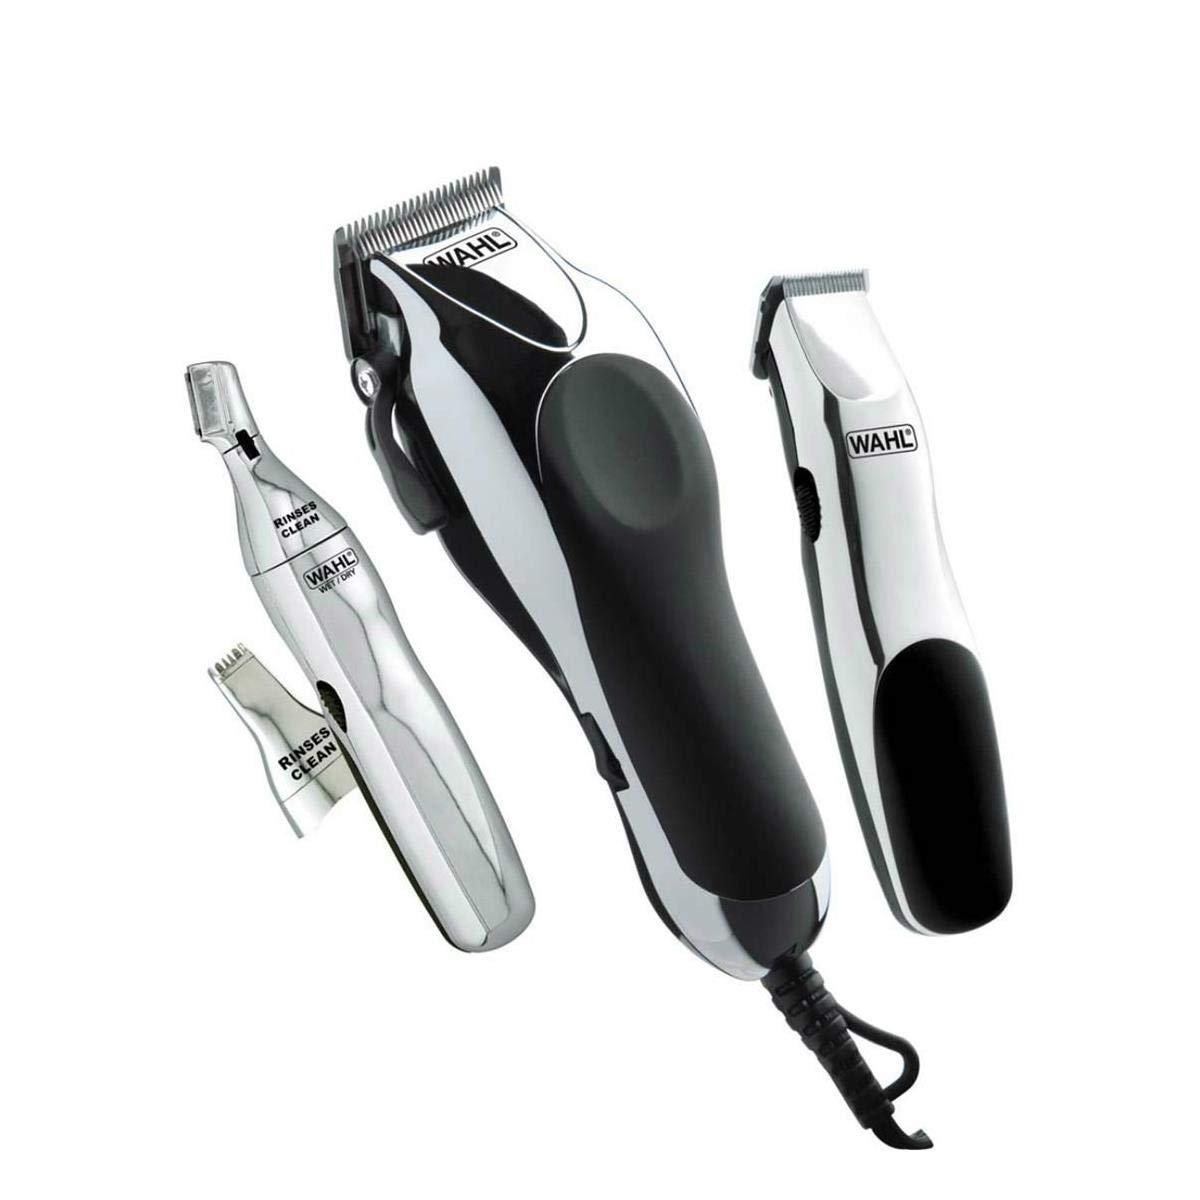 144fd88ba KIT de Cuidados Pessoais Wahl - Completo e Prático para Cortar o Cabelo em  Casa! Máquina de Corte + Aparadores de Pelo + Acessórios - Home Barber: ...